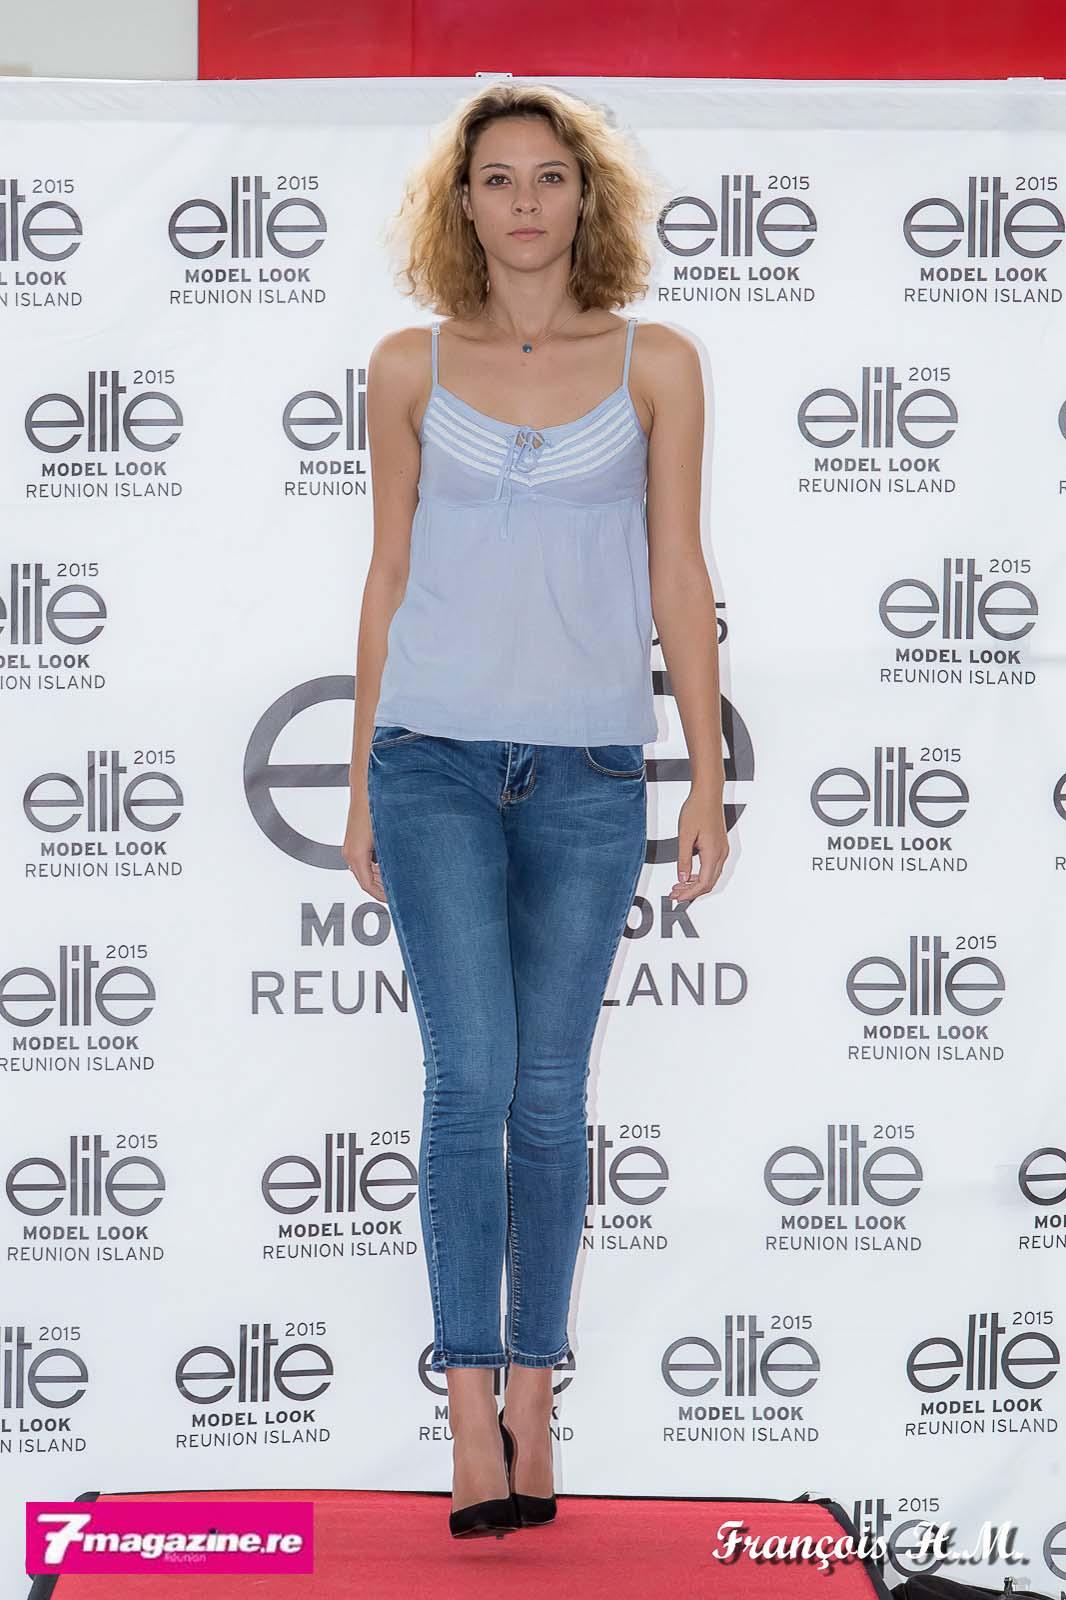 Jade Ethève, la lauréate Elite Model Look Reunion Island 2015 est venue encourager les candidates et leur faire une petite démonstration sur le catwalk